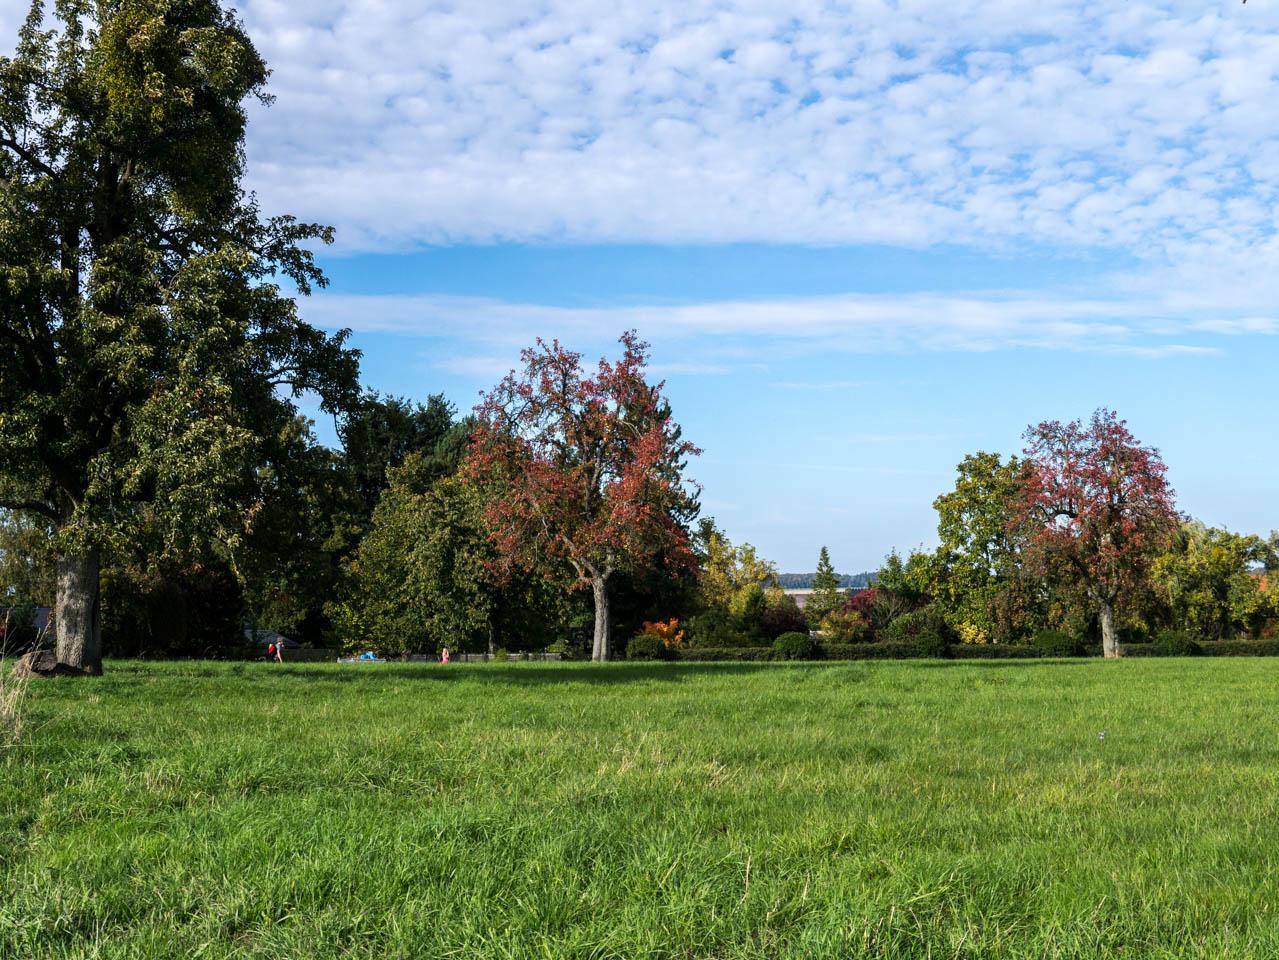 perfektes Herbstwetter (1 von 1)